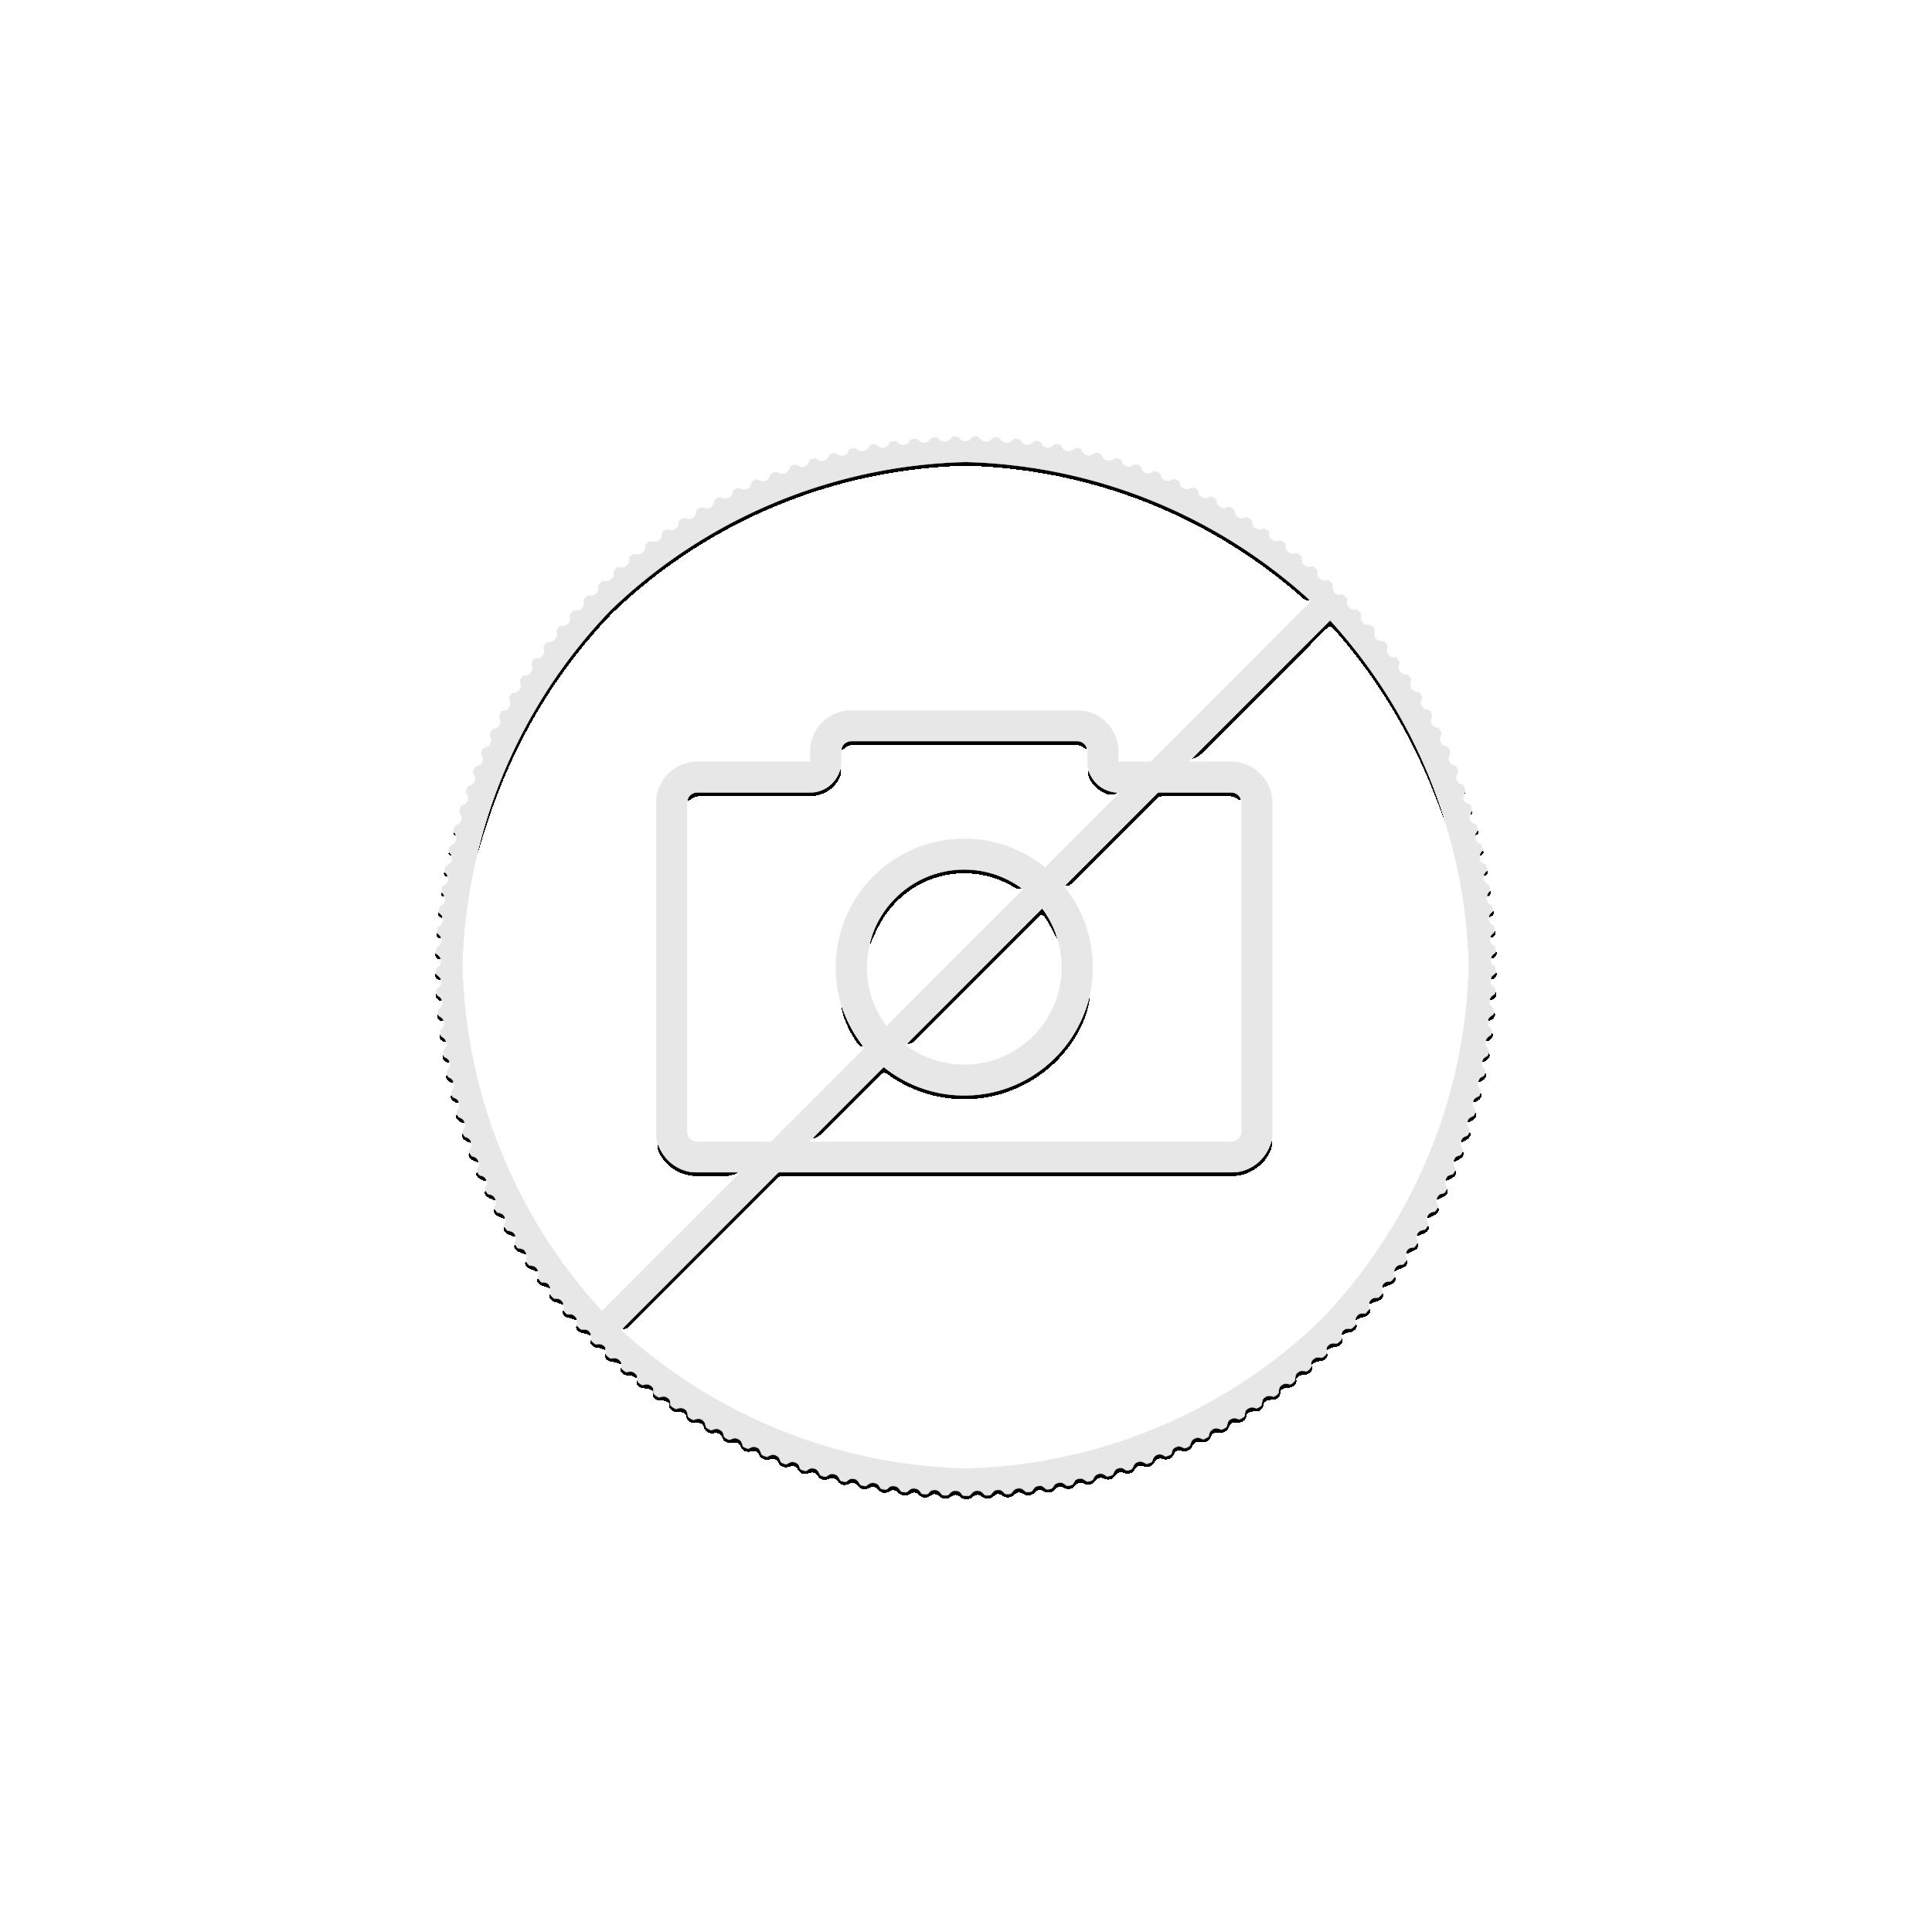 1 troy ounce zilveren munt Flamingo Virgin Islands 2021